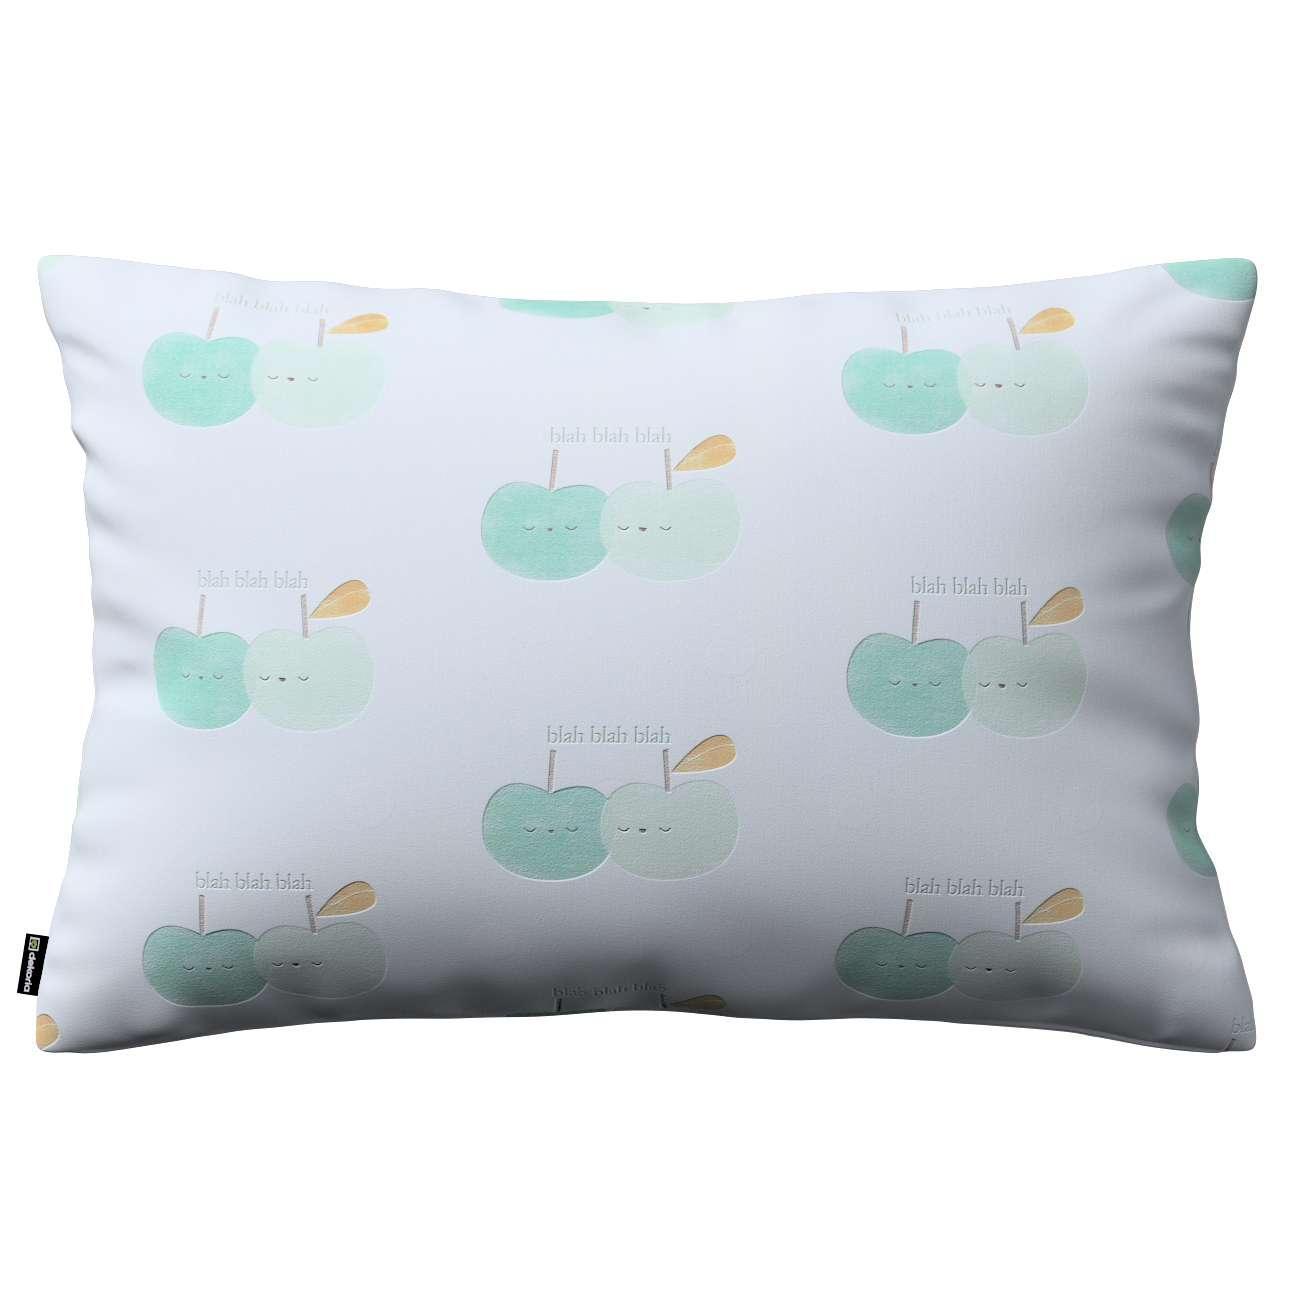 Poszewka Kinga na poduszkę prostokątną w kolekcji Little World, tkanina: 151-02